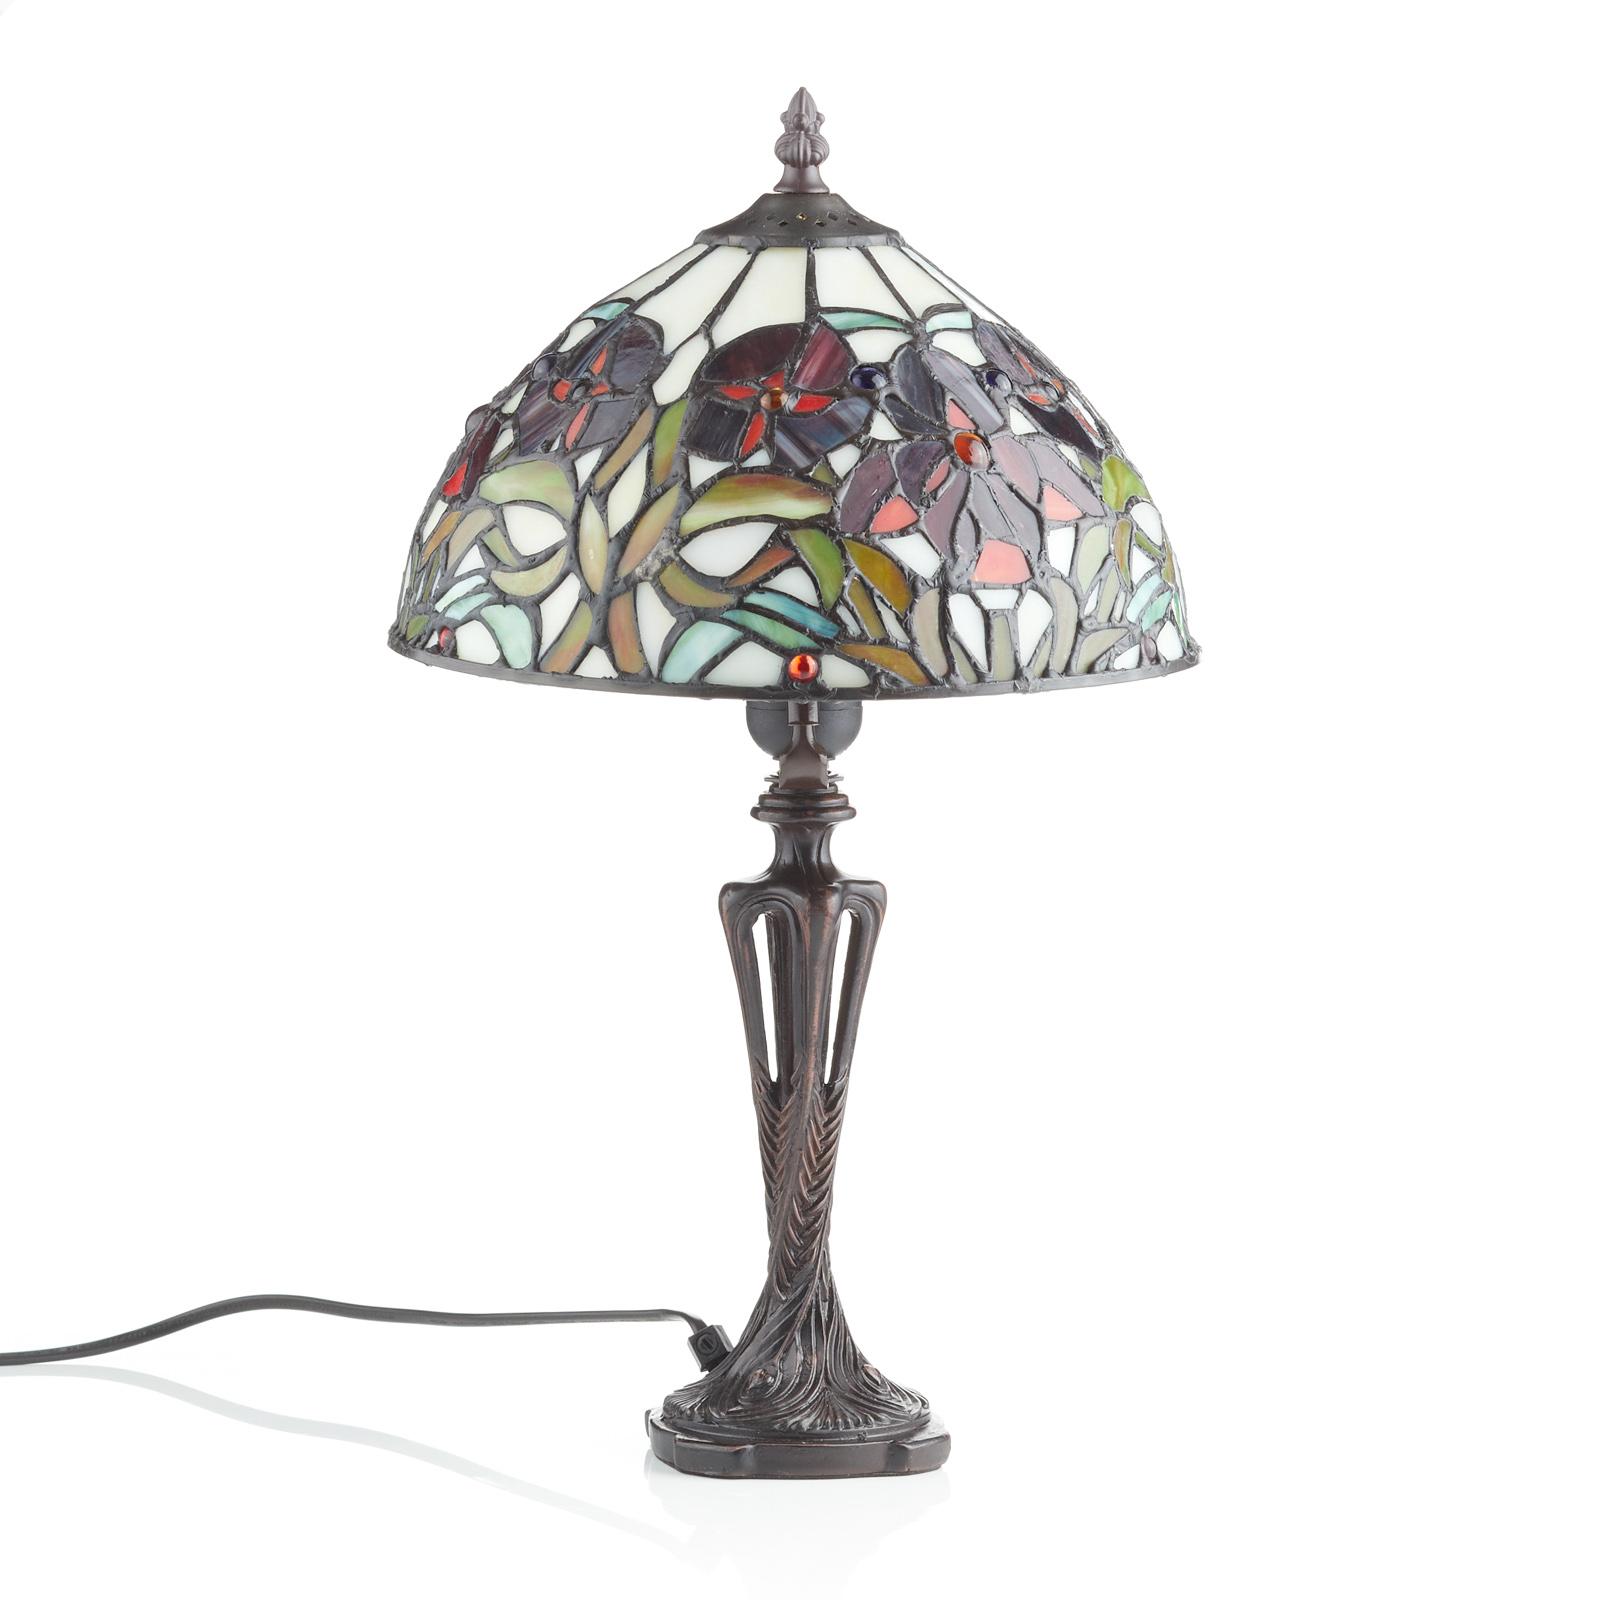 Tafellamp ELINE in klassieke Tiffany-stijl 40 cm